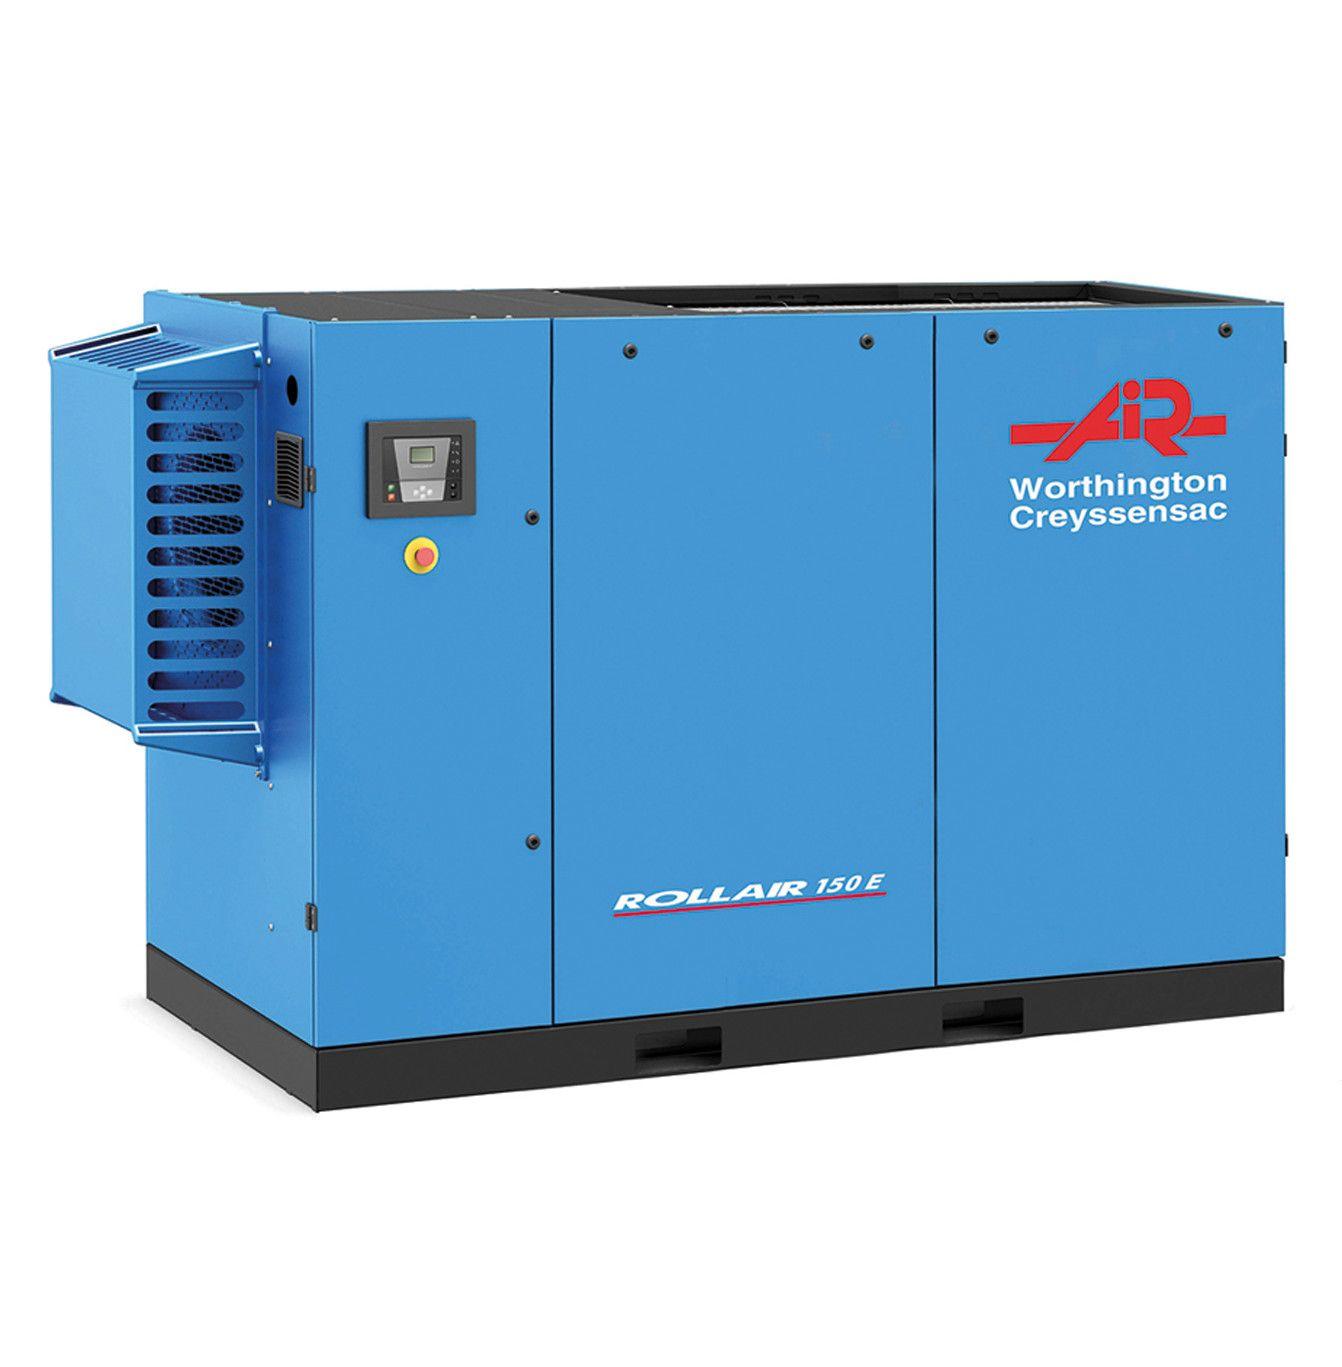 La solution d'air comprimé pour l'industrie la plus polyvalente de 40 à 150 ch